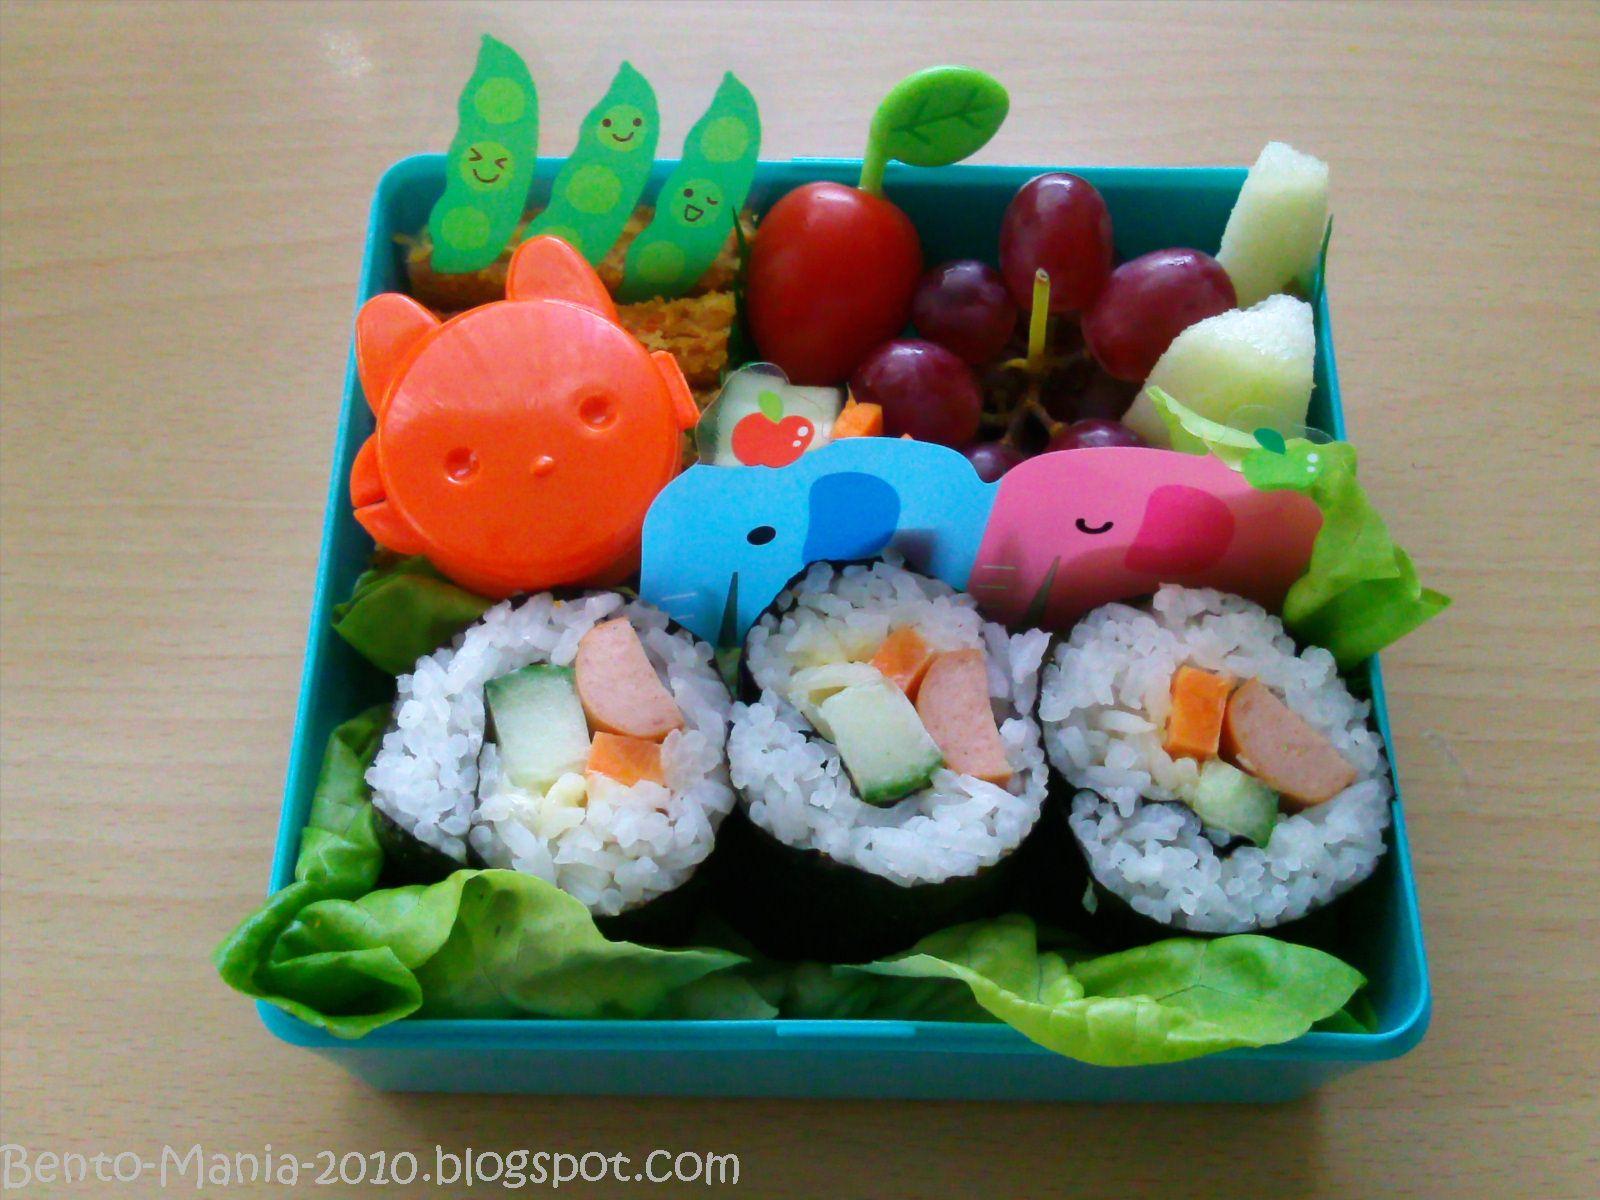 bento mania verr ckt nach der japanischen lunch box bento sushi rollen f r kinder mit. Black Bedroom Furniture Sets. Home Design Ideas